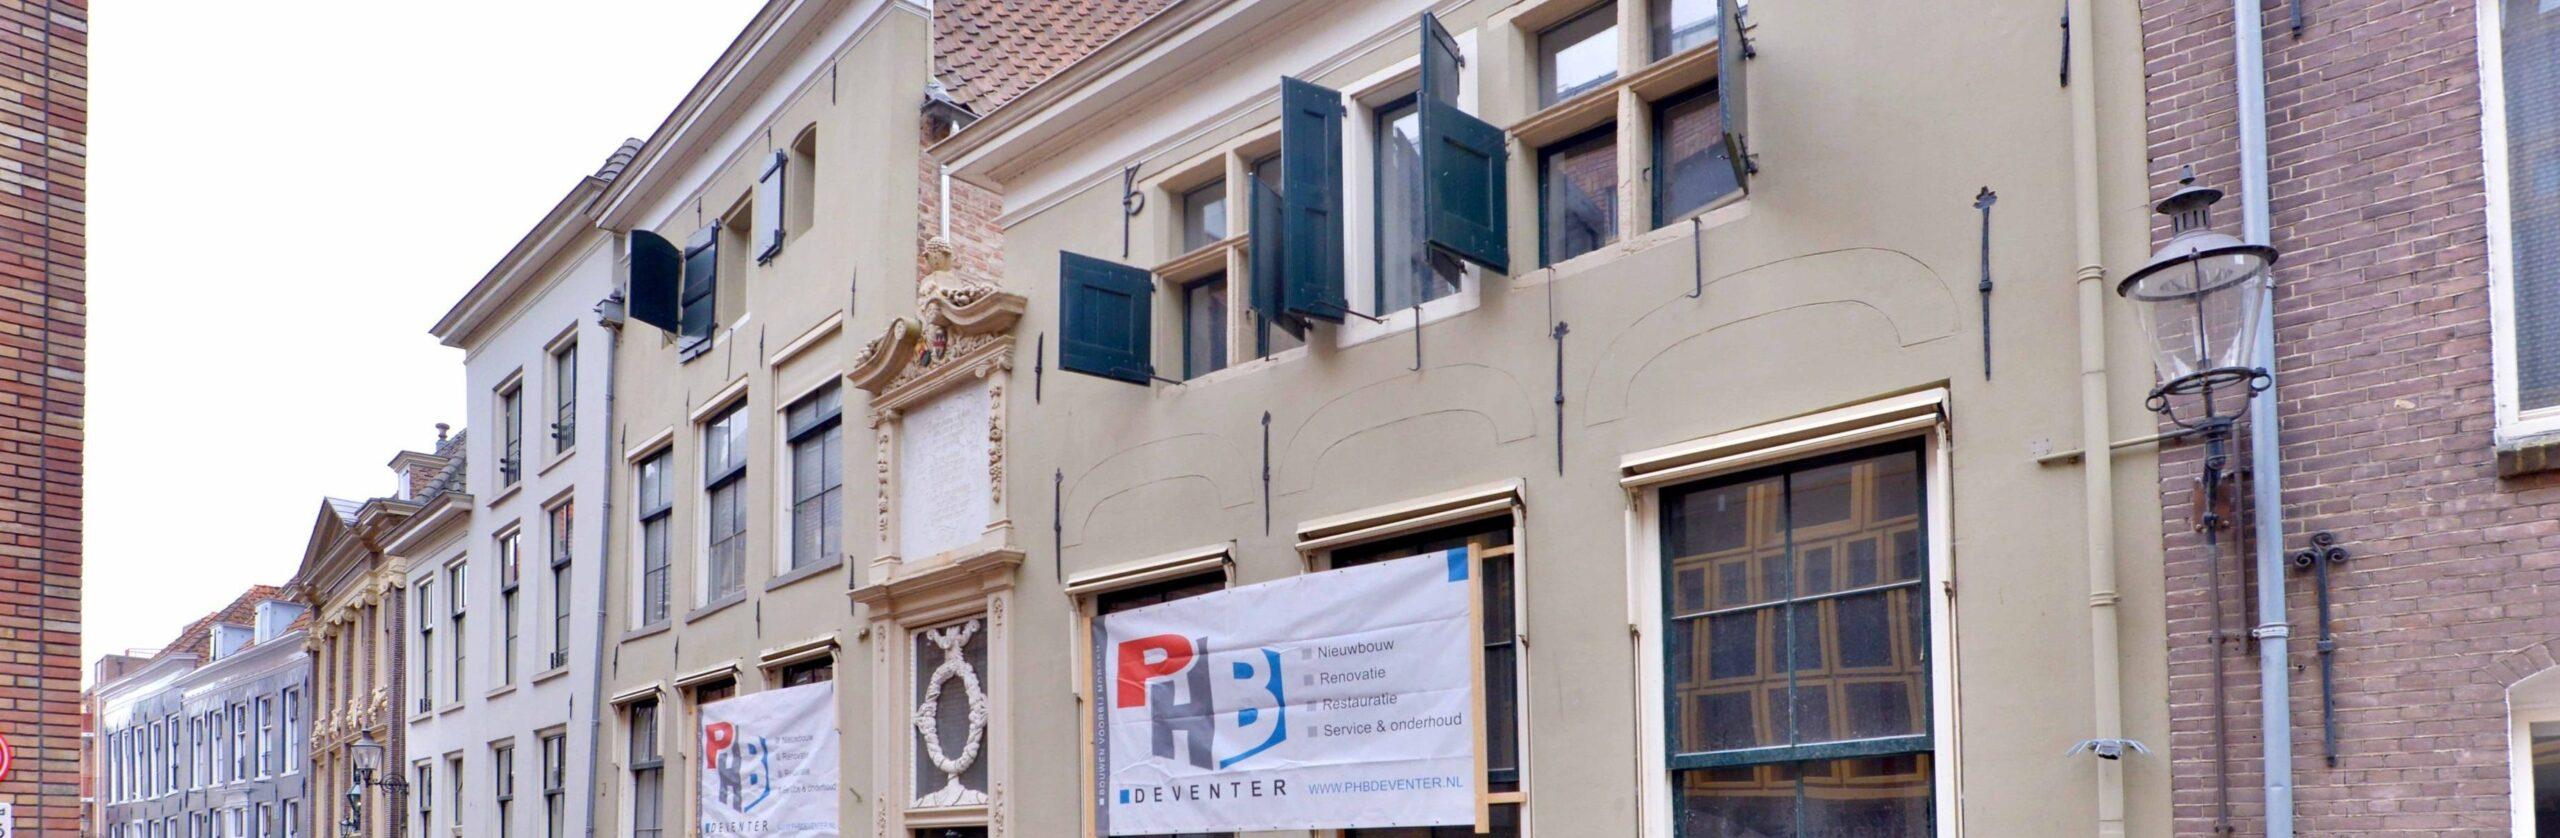 Polstraat banner